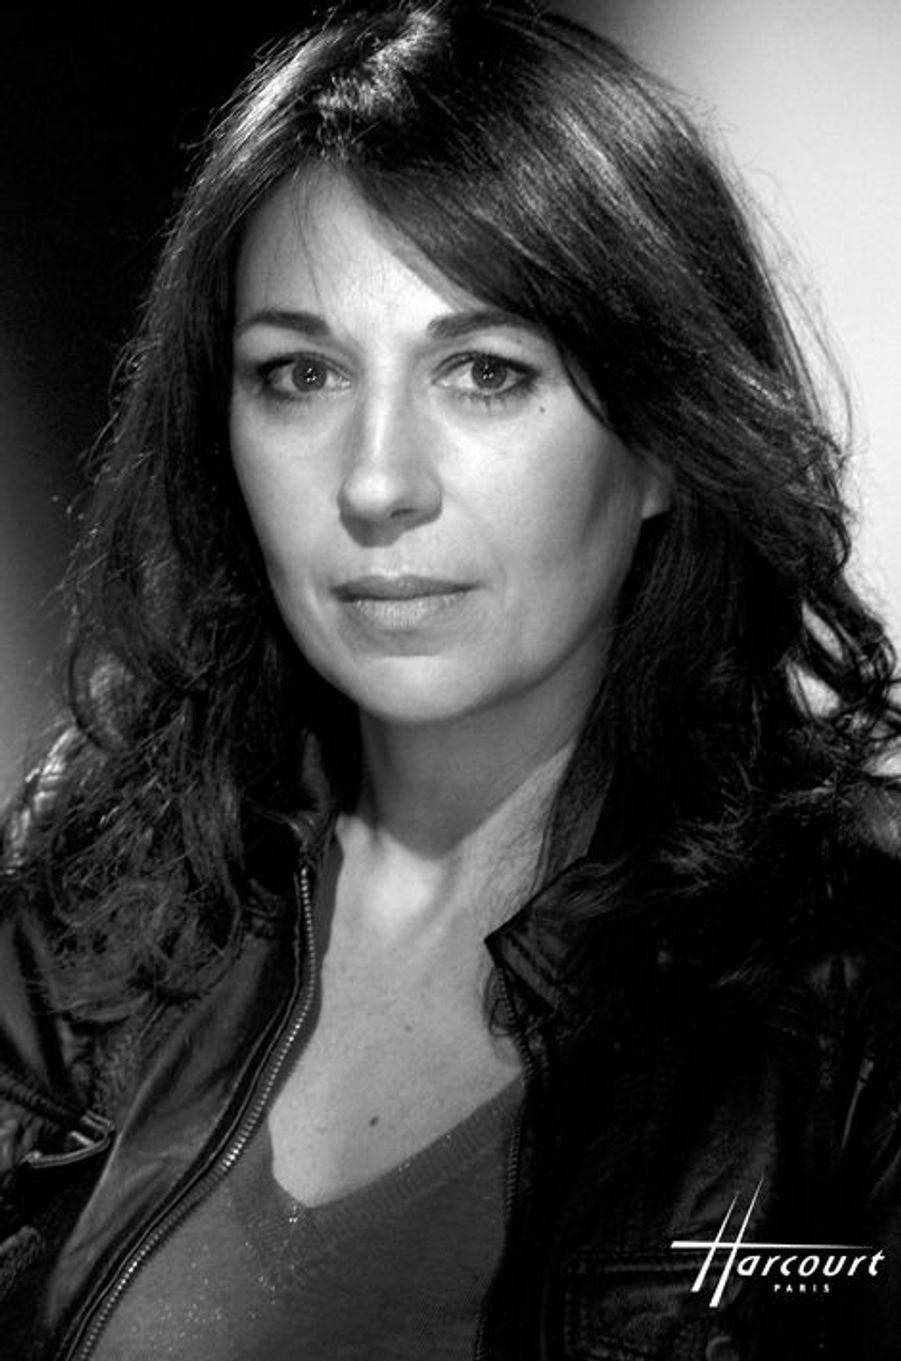 Valérie Benguigui au studio Harcourt à Paris, janvier 2007